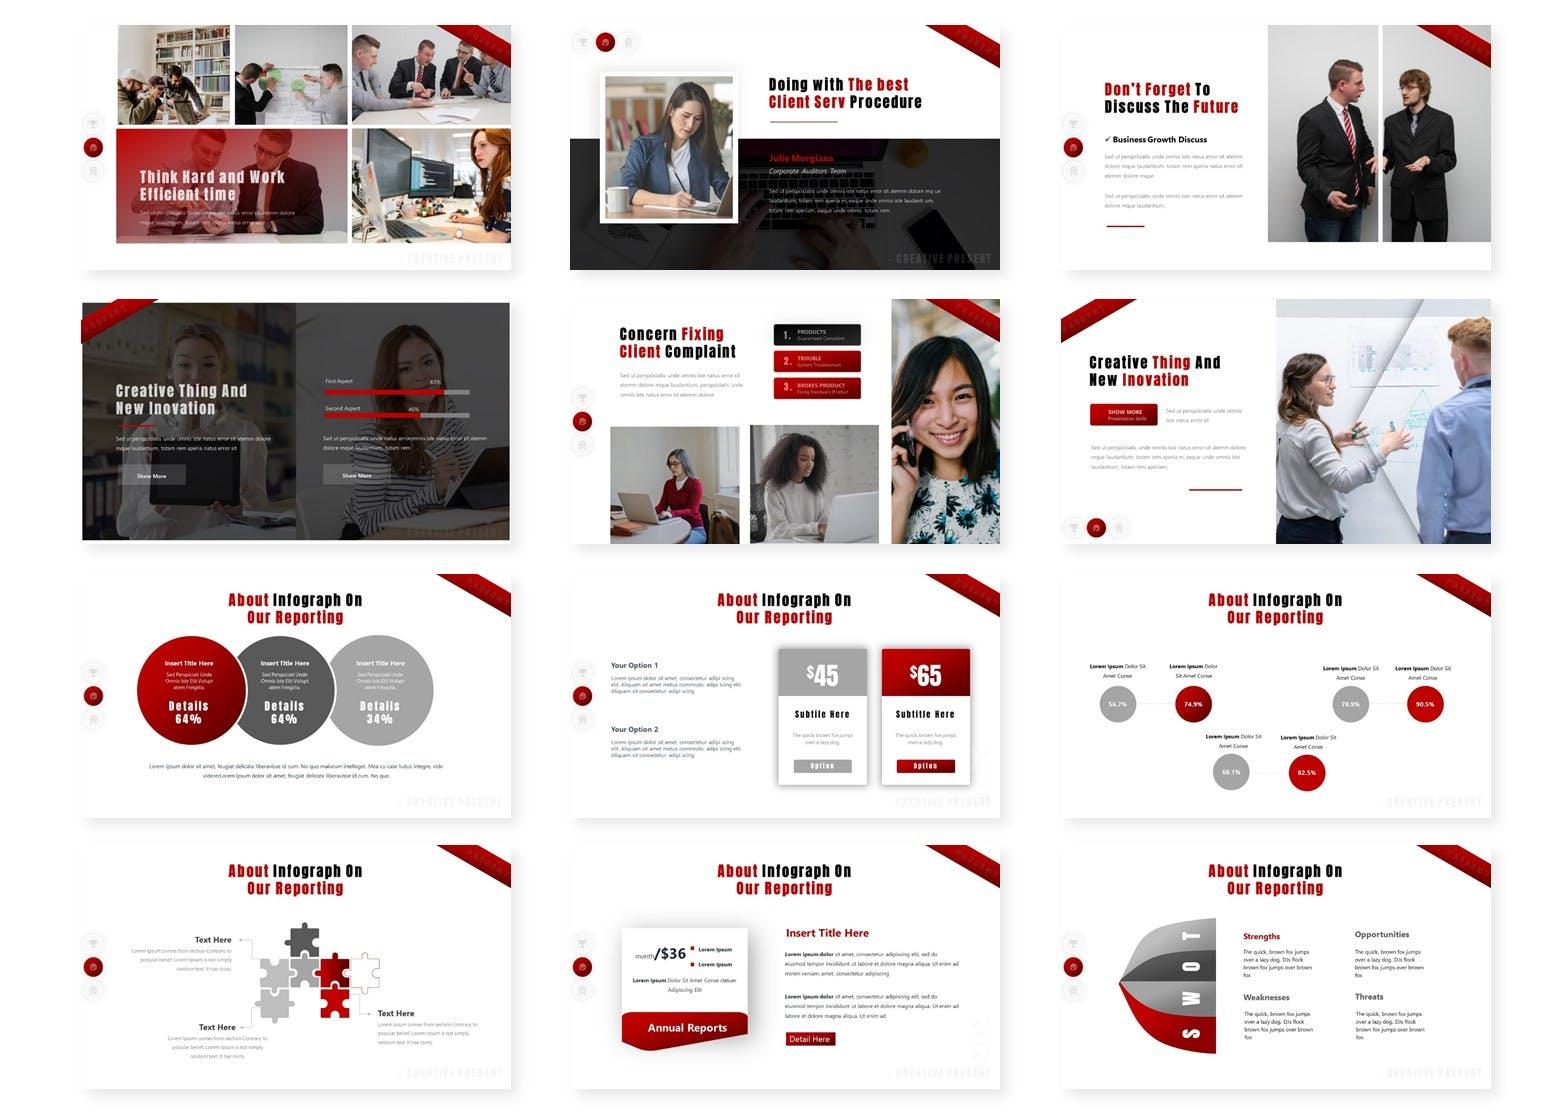 商业多功能演示PowerPoint模板 Kompanities – Presentation Template设计素材模板